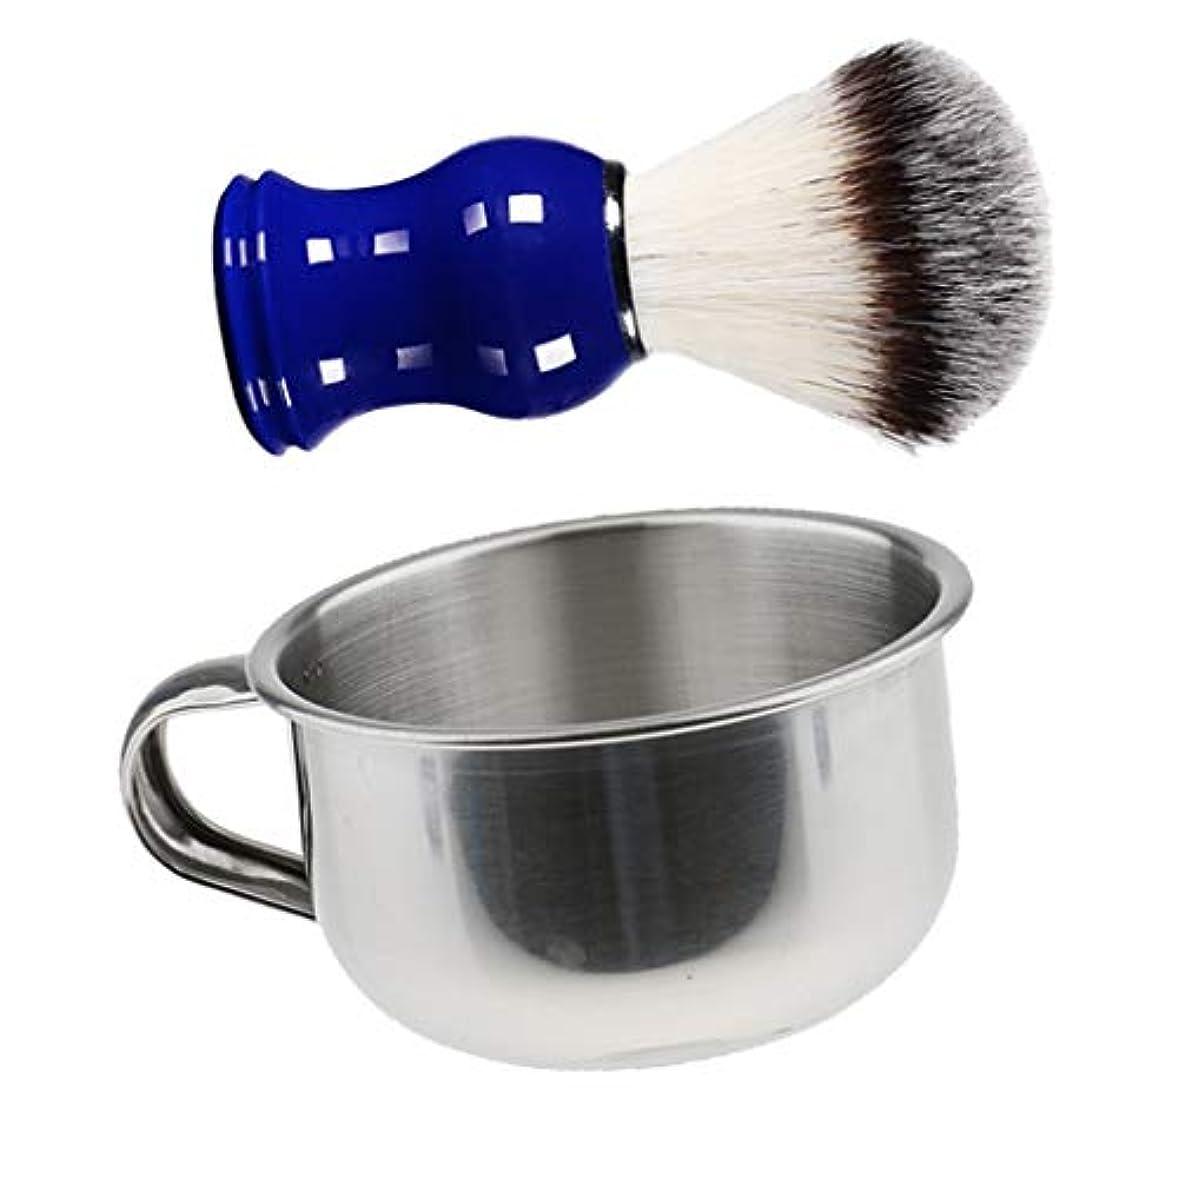 スーパー不名誉なクレデンシャルdailymall サロン理容室シェービングセット男性シェービングブラシ+ソープマグボウル顔ひげクリーニング